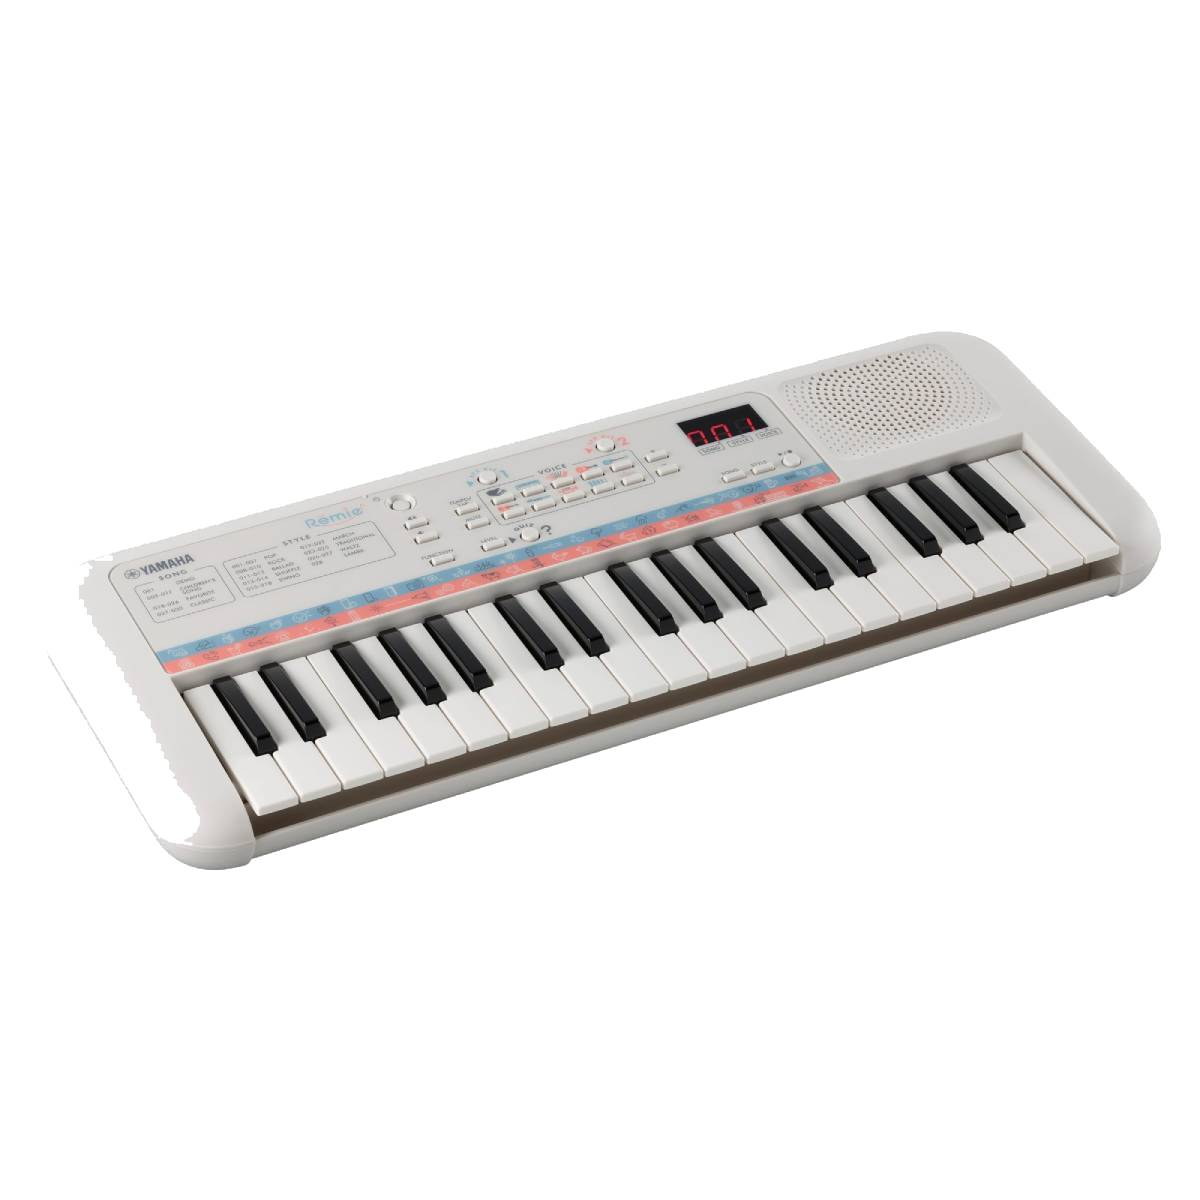 teclado-pss-e30-yamaha-1